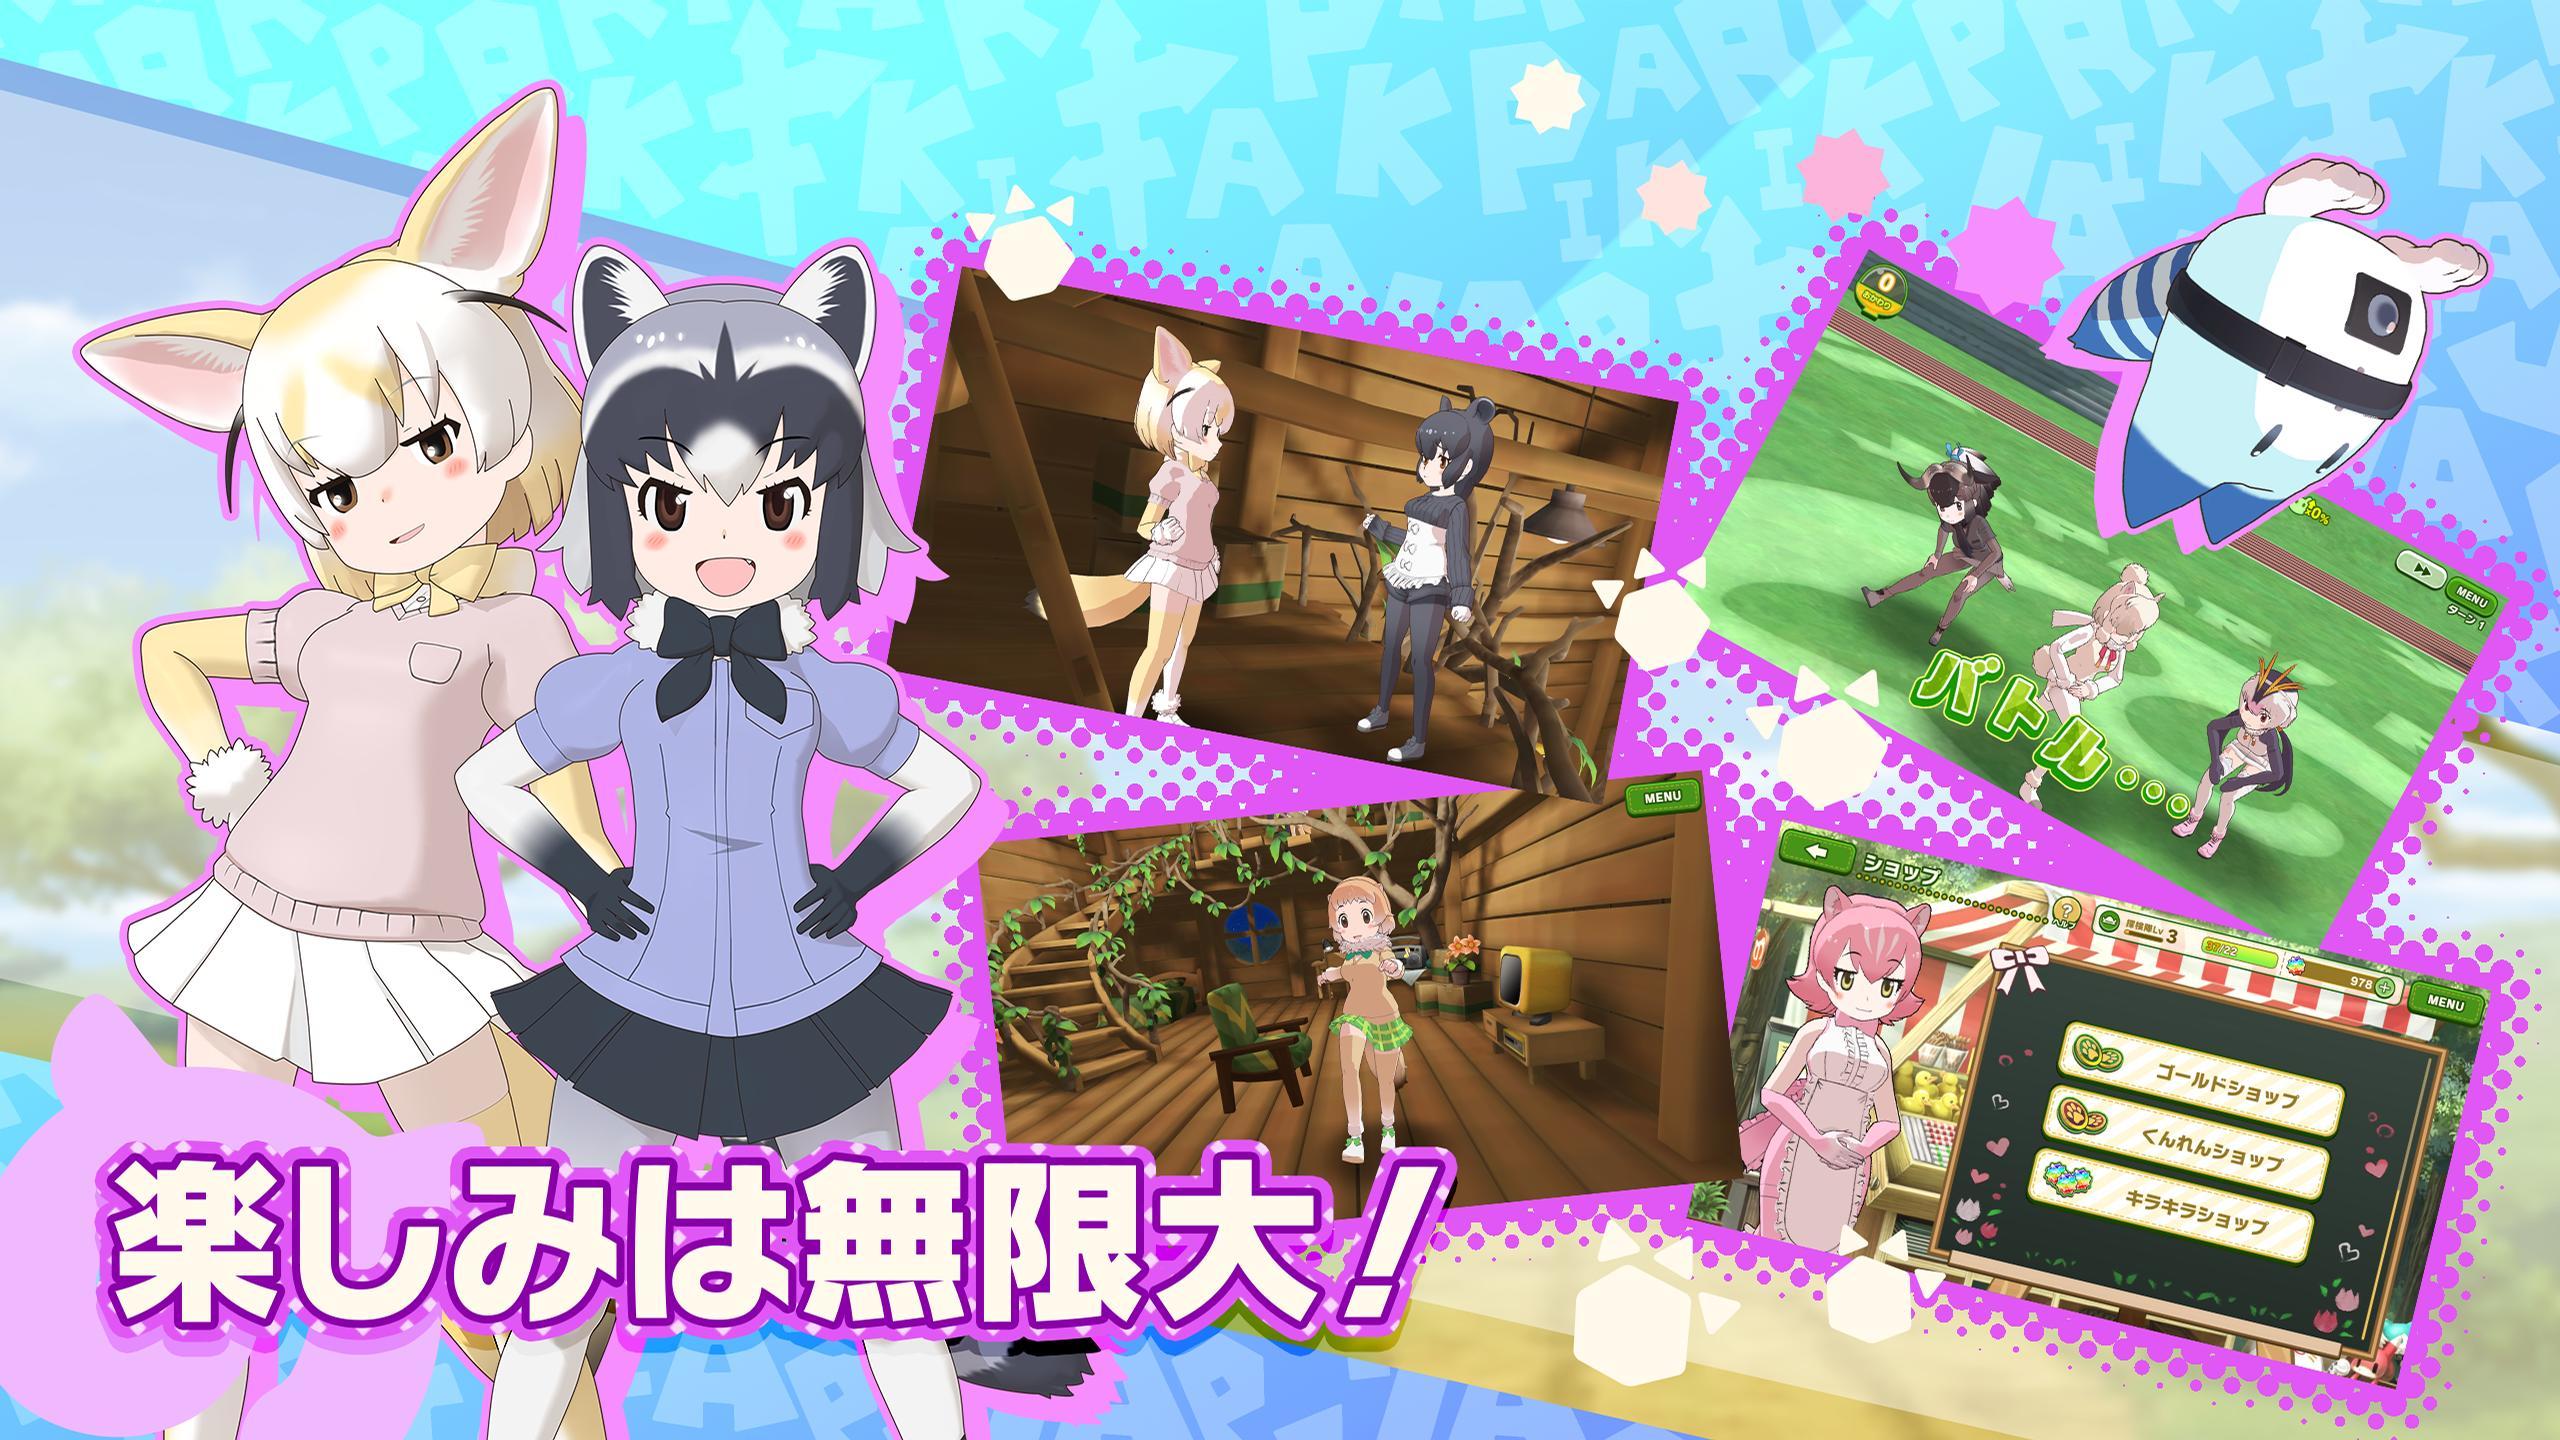 けものフレンズ3 For Android Apk Download